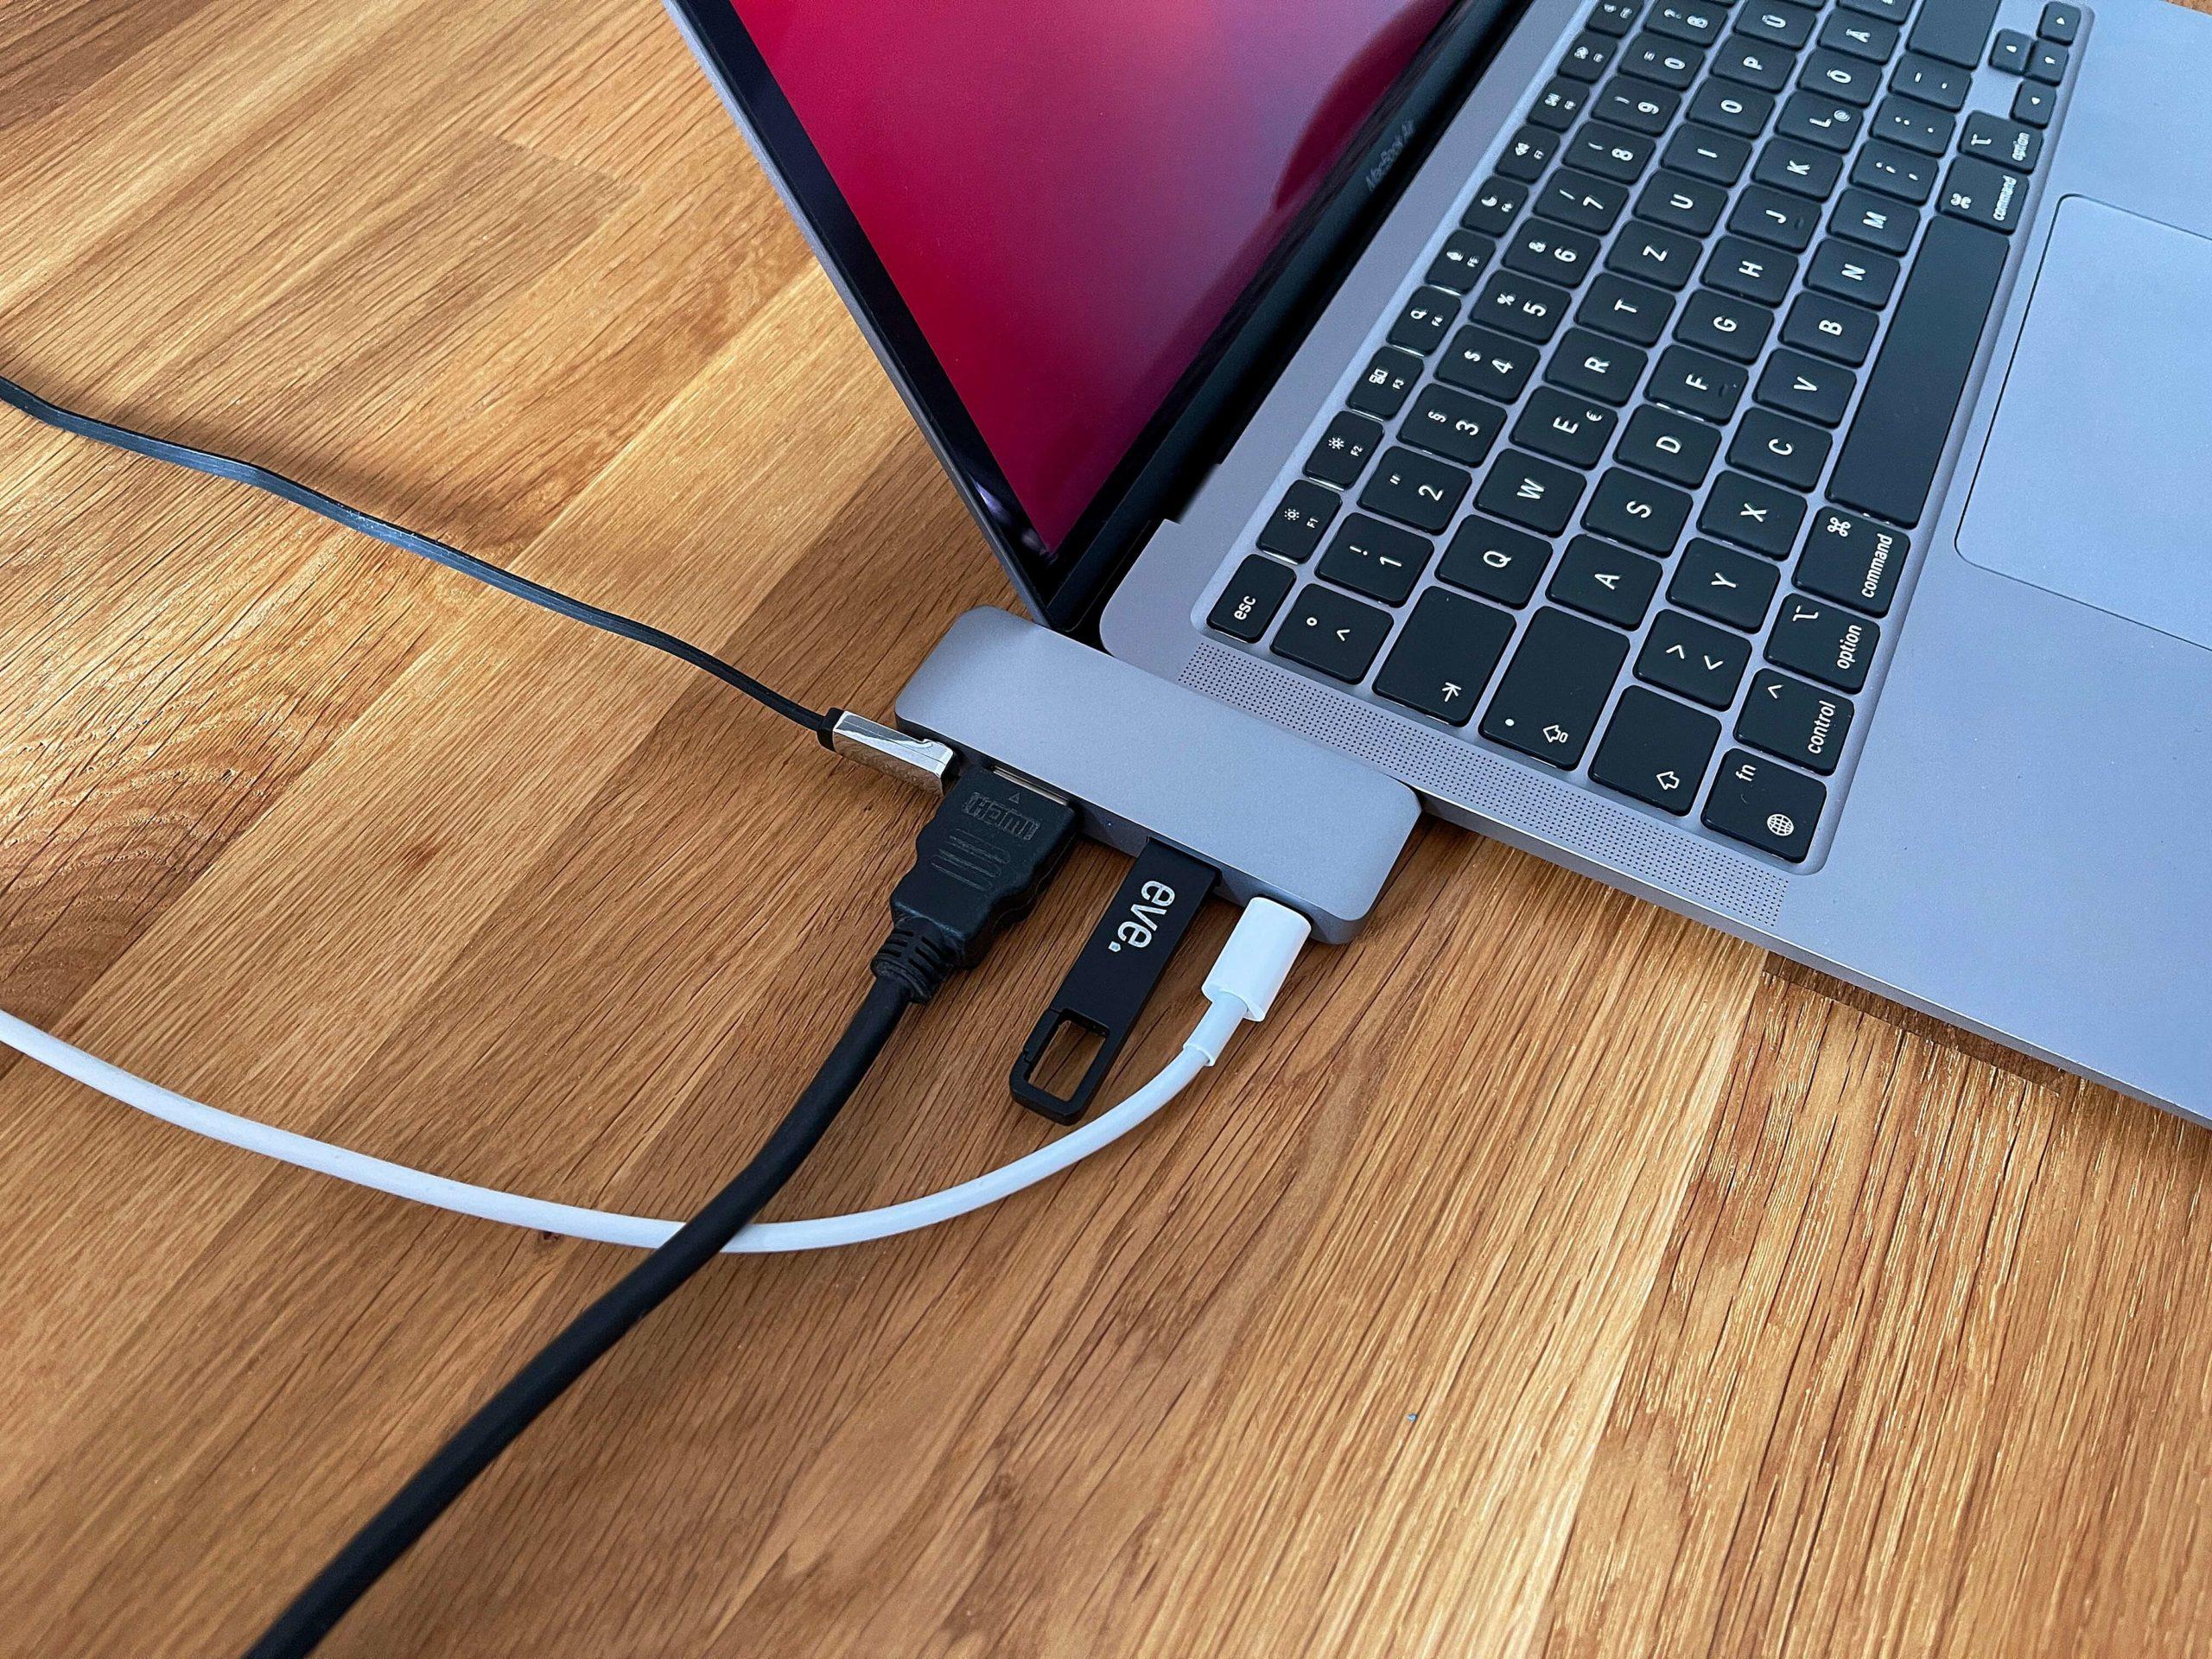 Typ-C-Pro-Hub-Adapter-von-Satechi-viele-Anschlussprobleme-einfach-beheben1-scaled Typ-C Pro Hub Adapter von Satechi - viele Anschlussprobleme einfach beheben